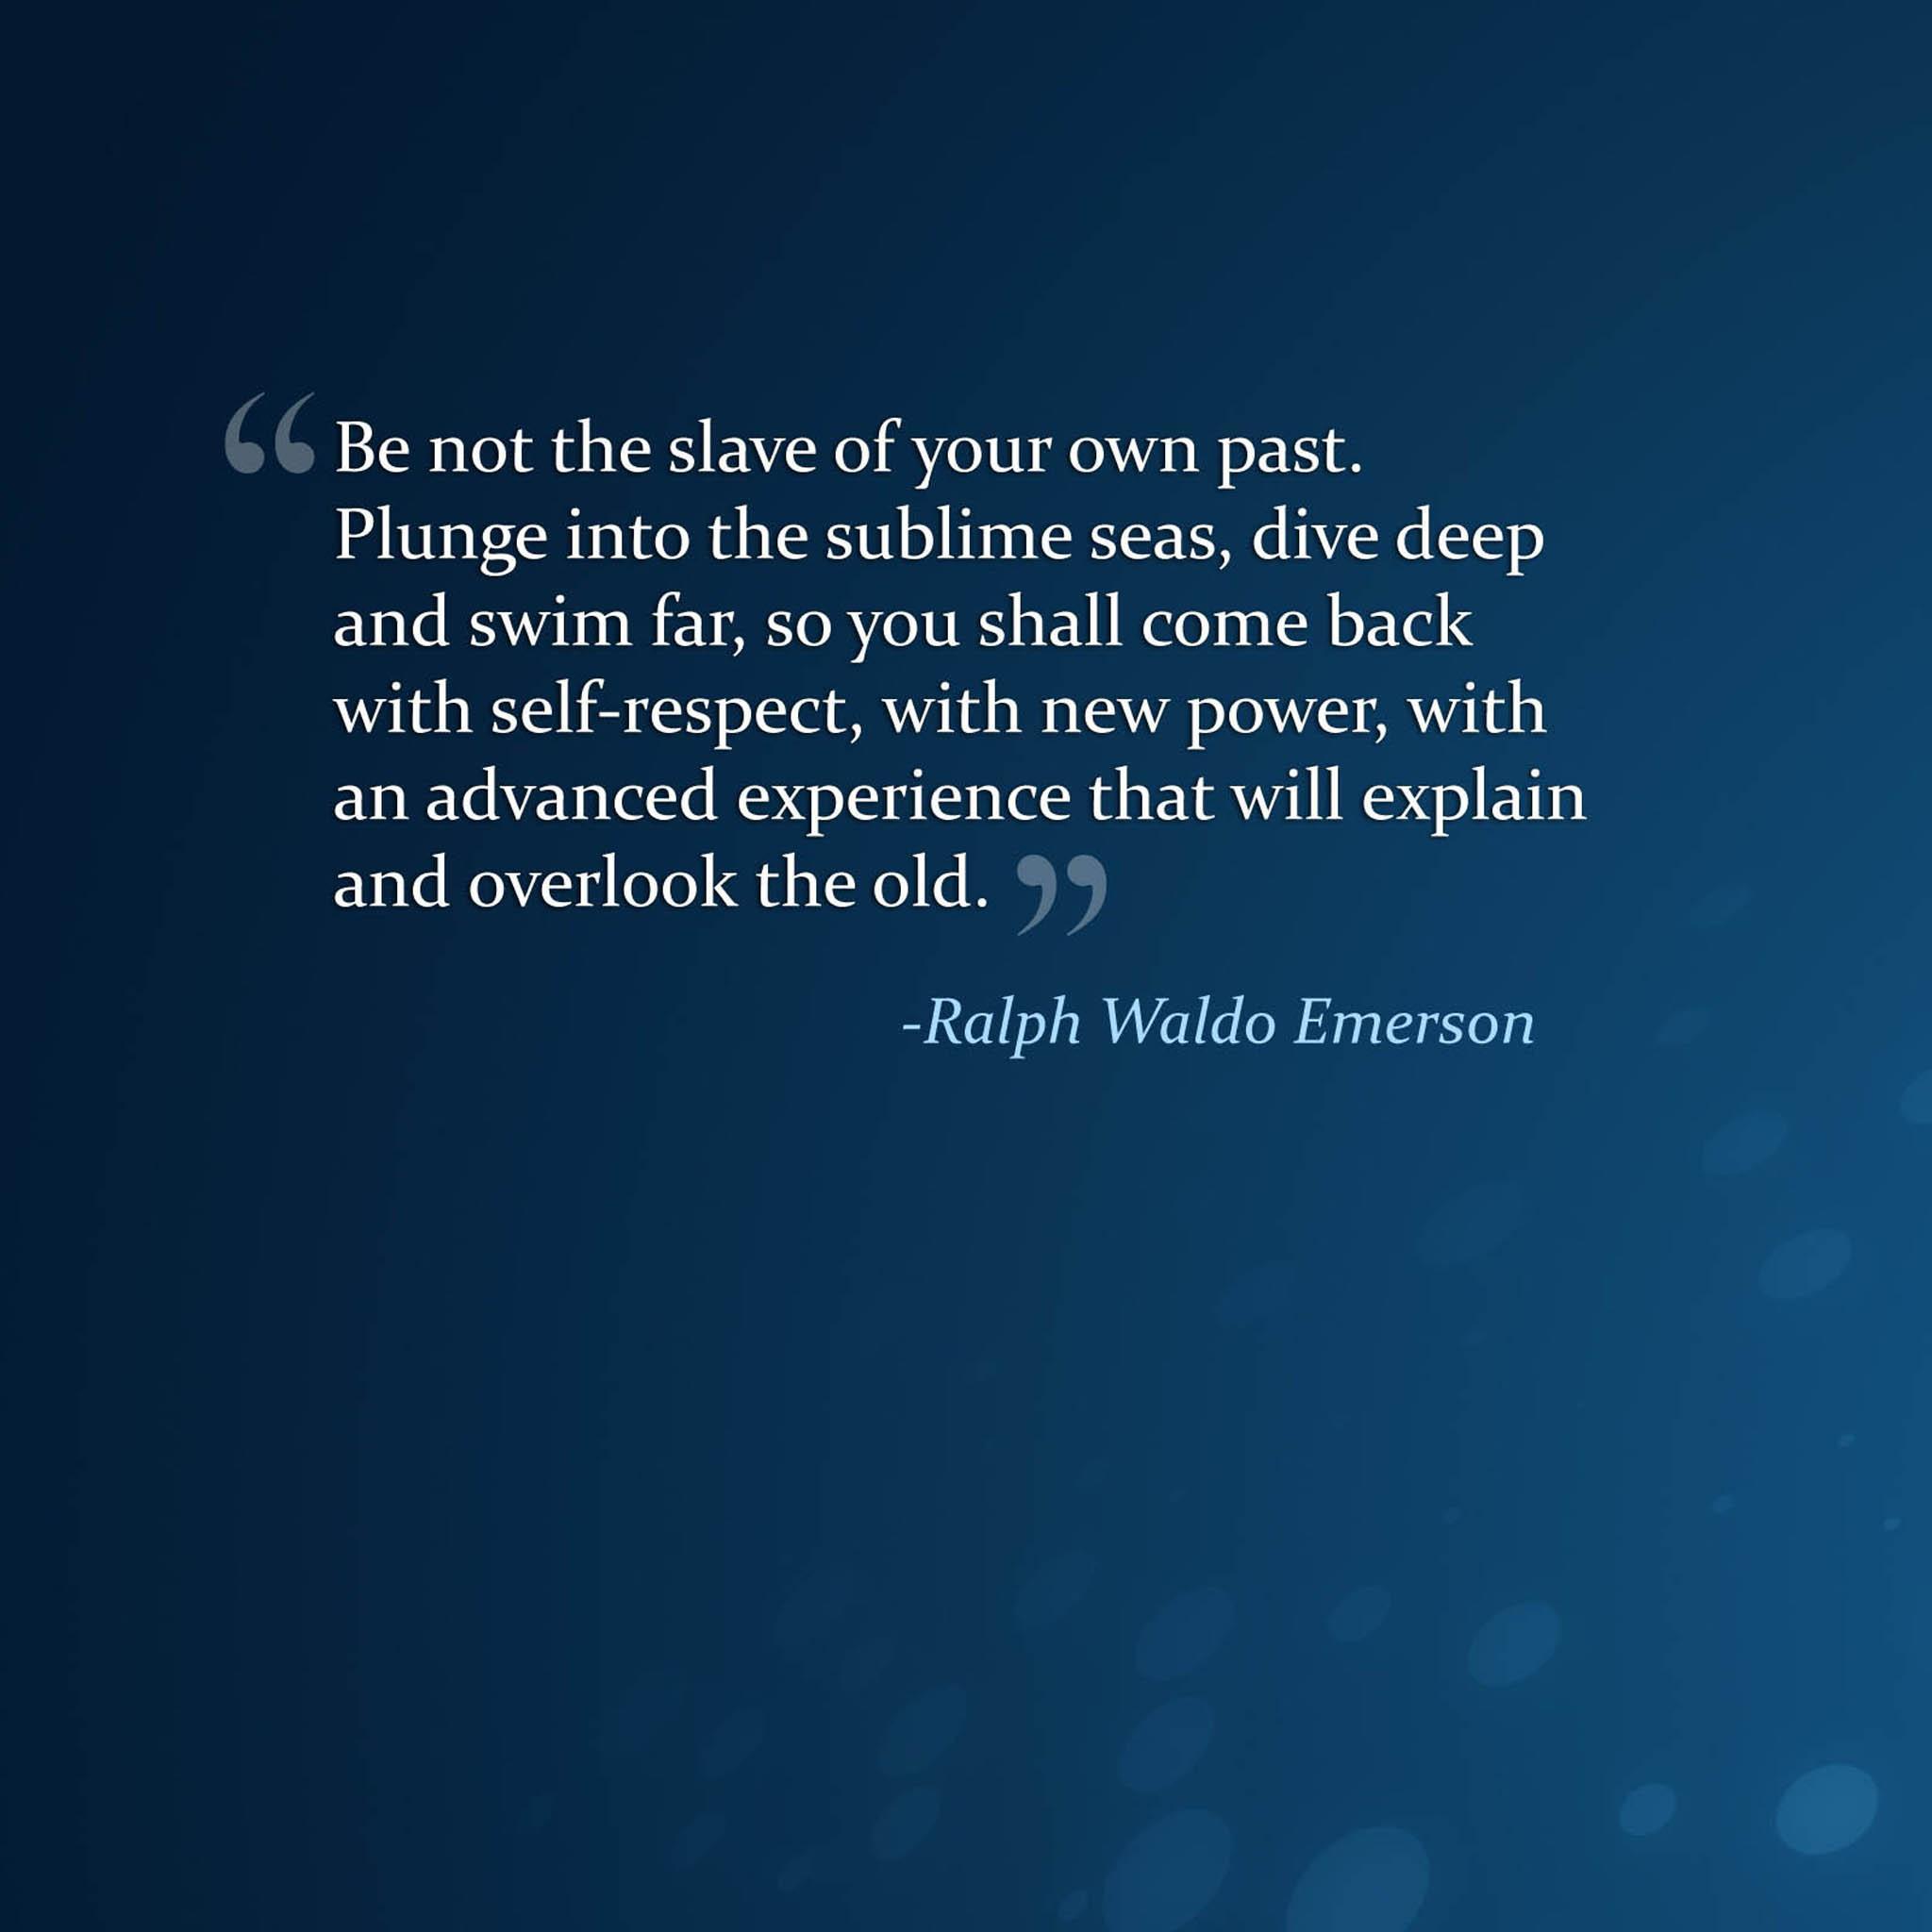 Ralph Waldo Emerson's quote #7